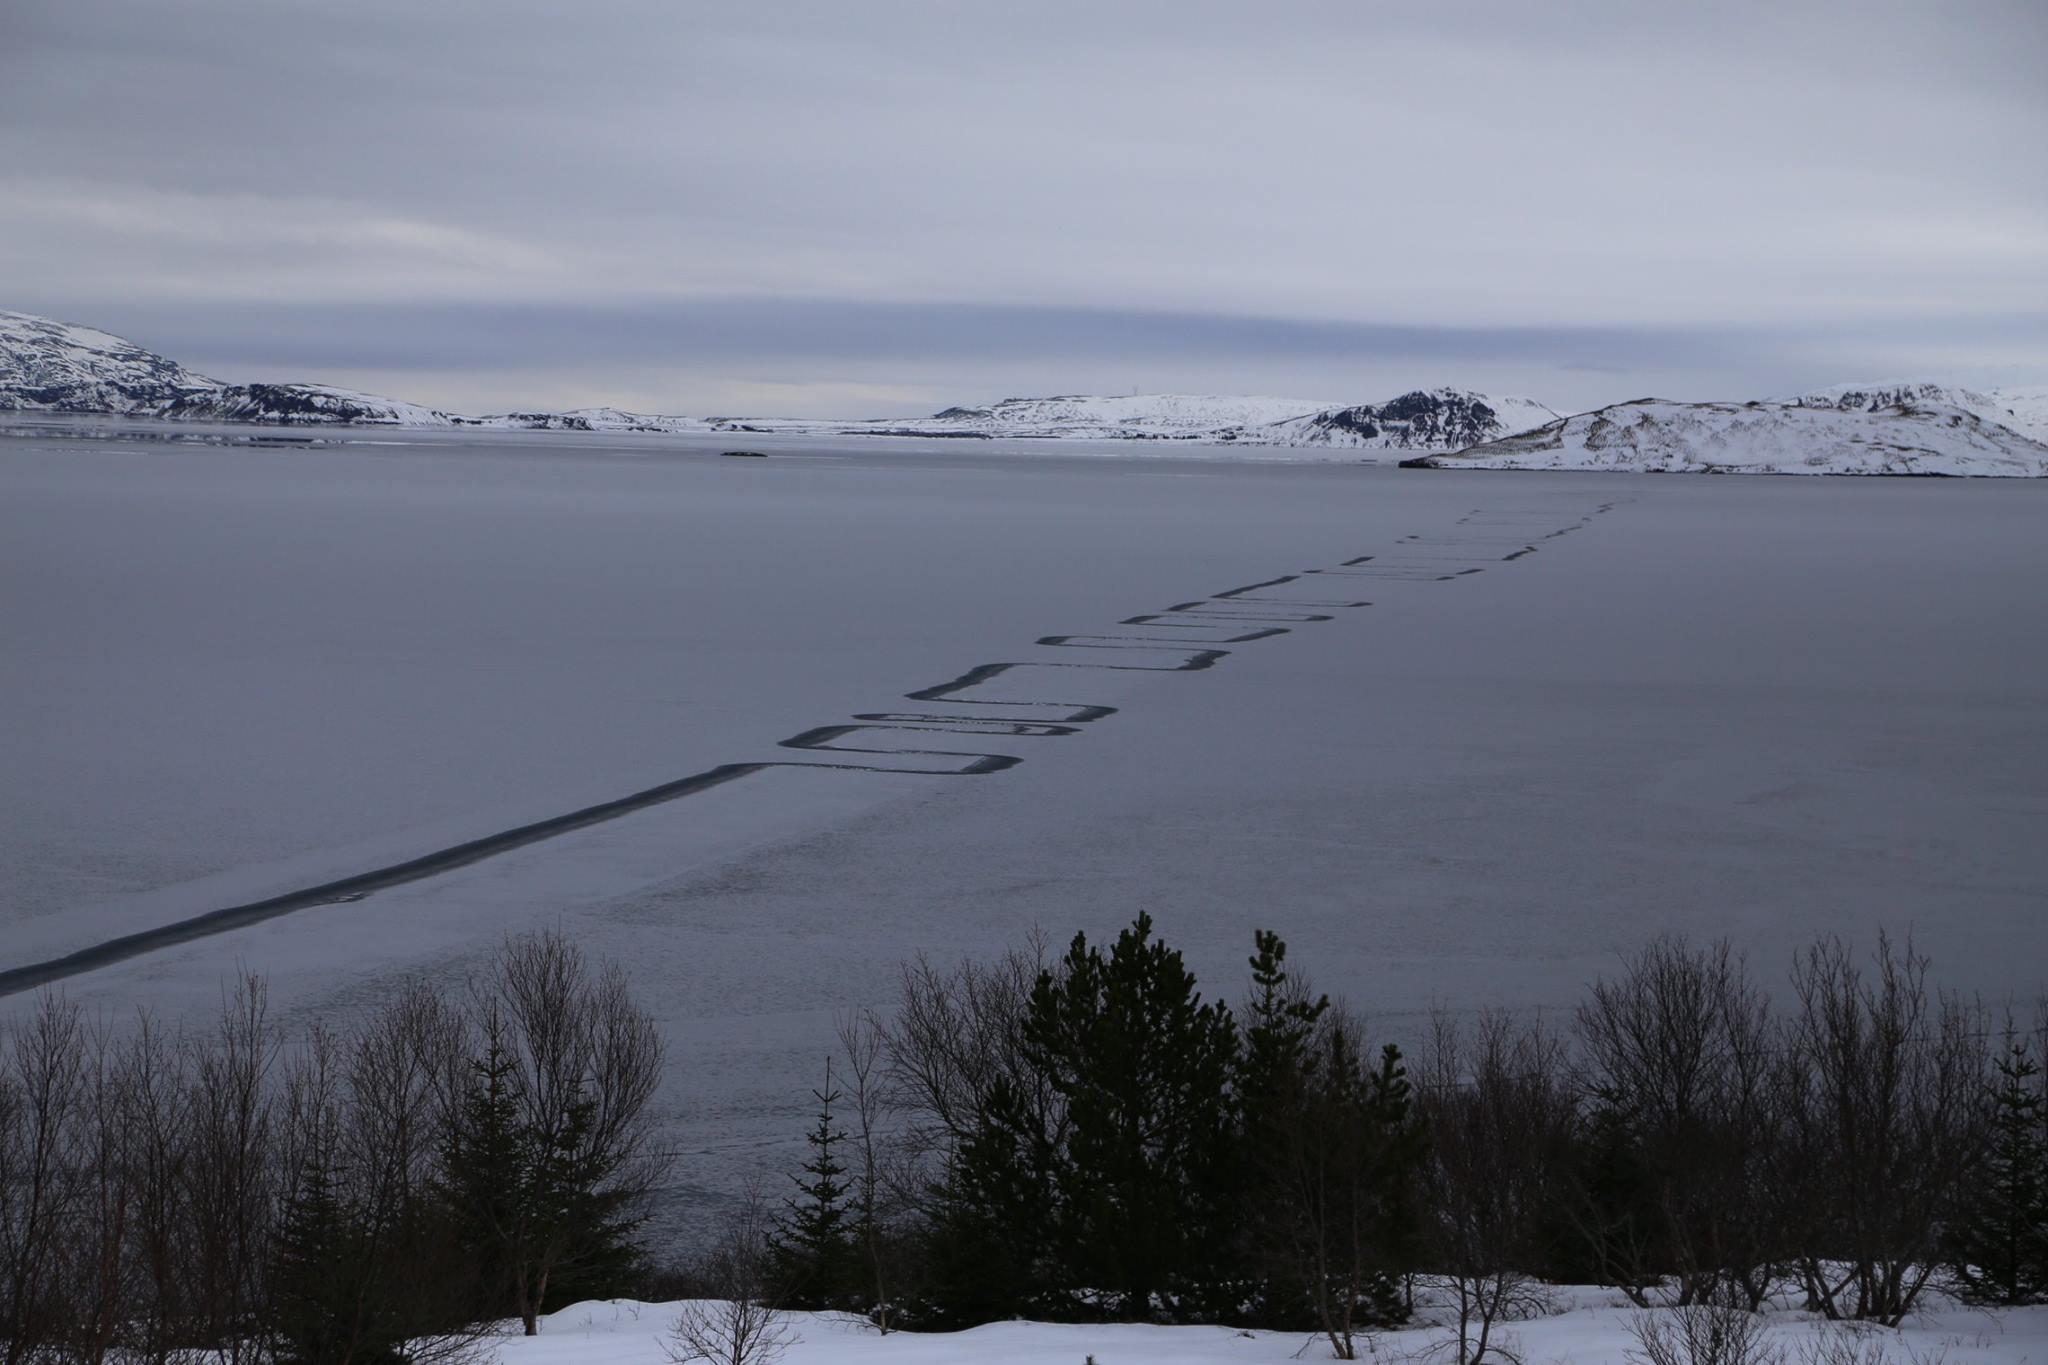 Islanda, sul lago ghiacciato di Thingvallavatn il fregio decorativo degli alieni?